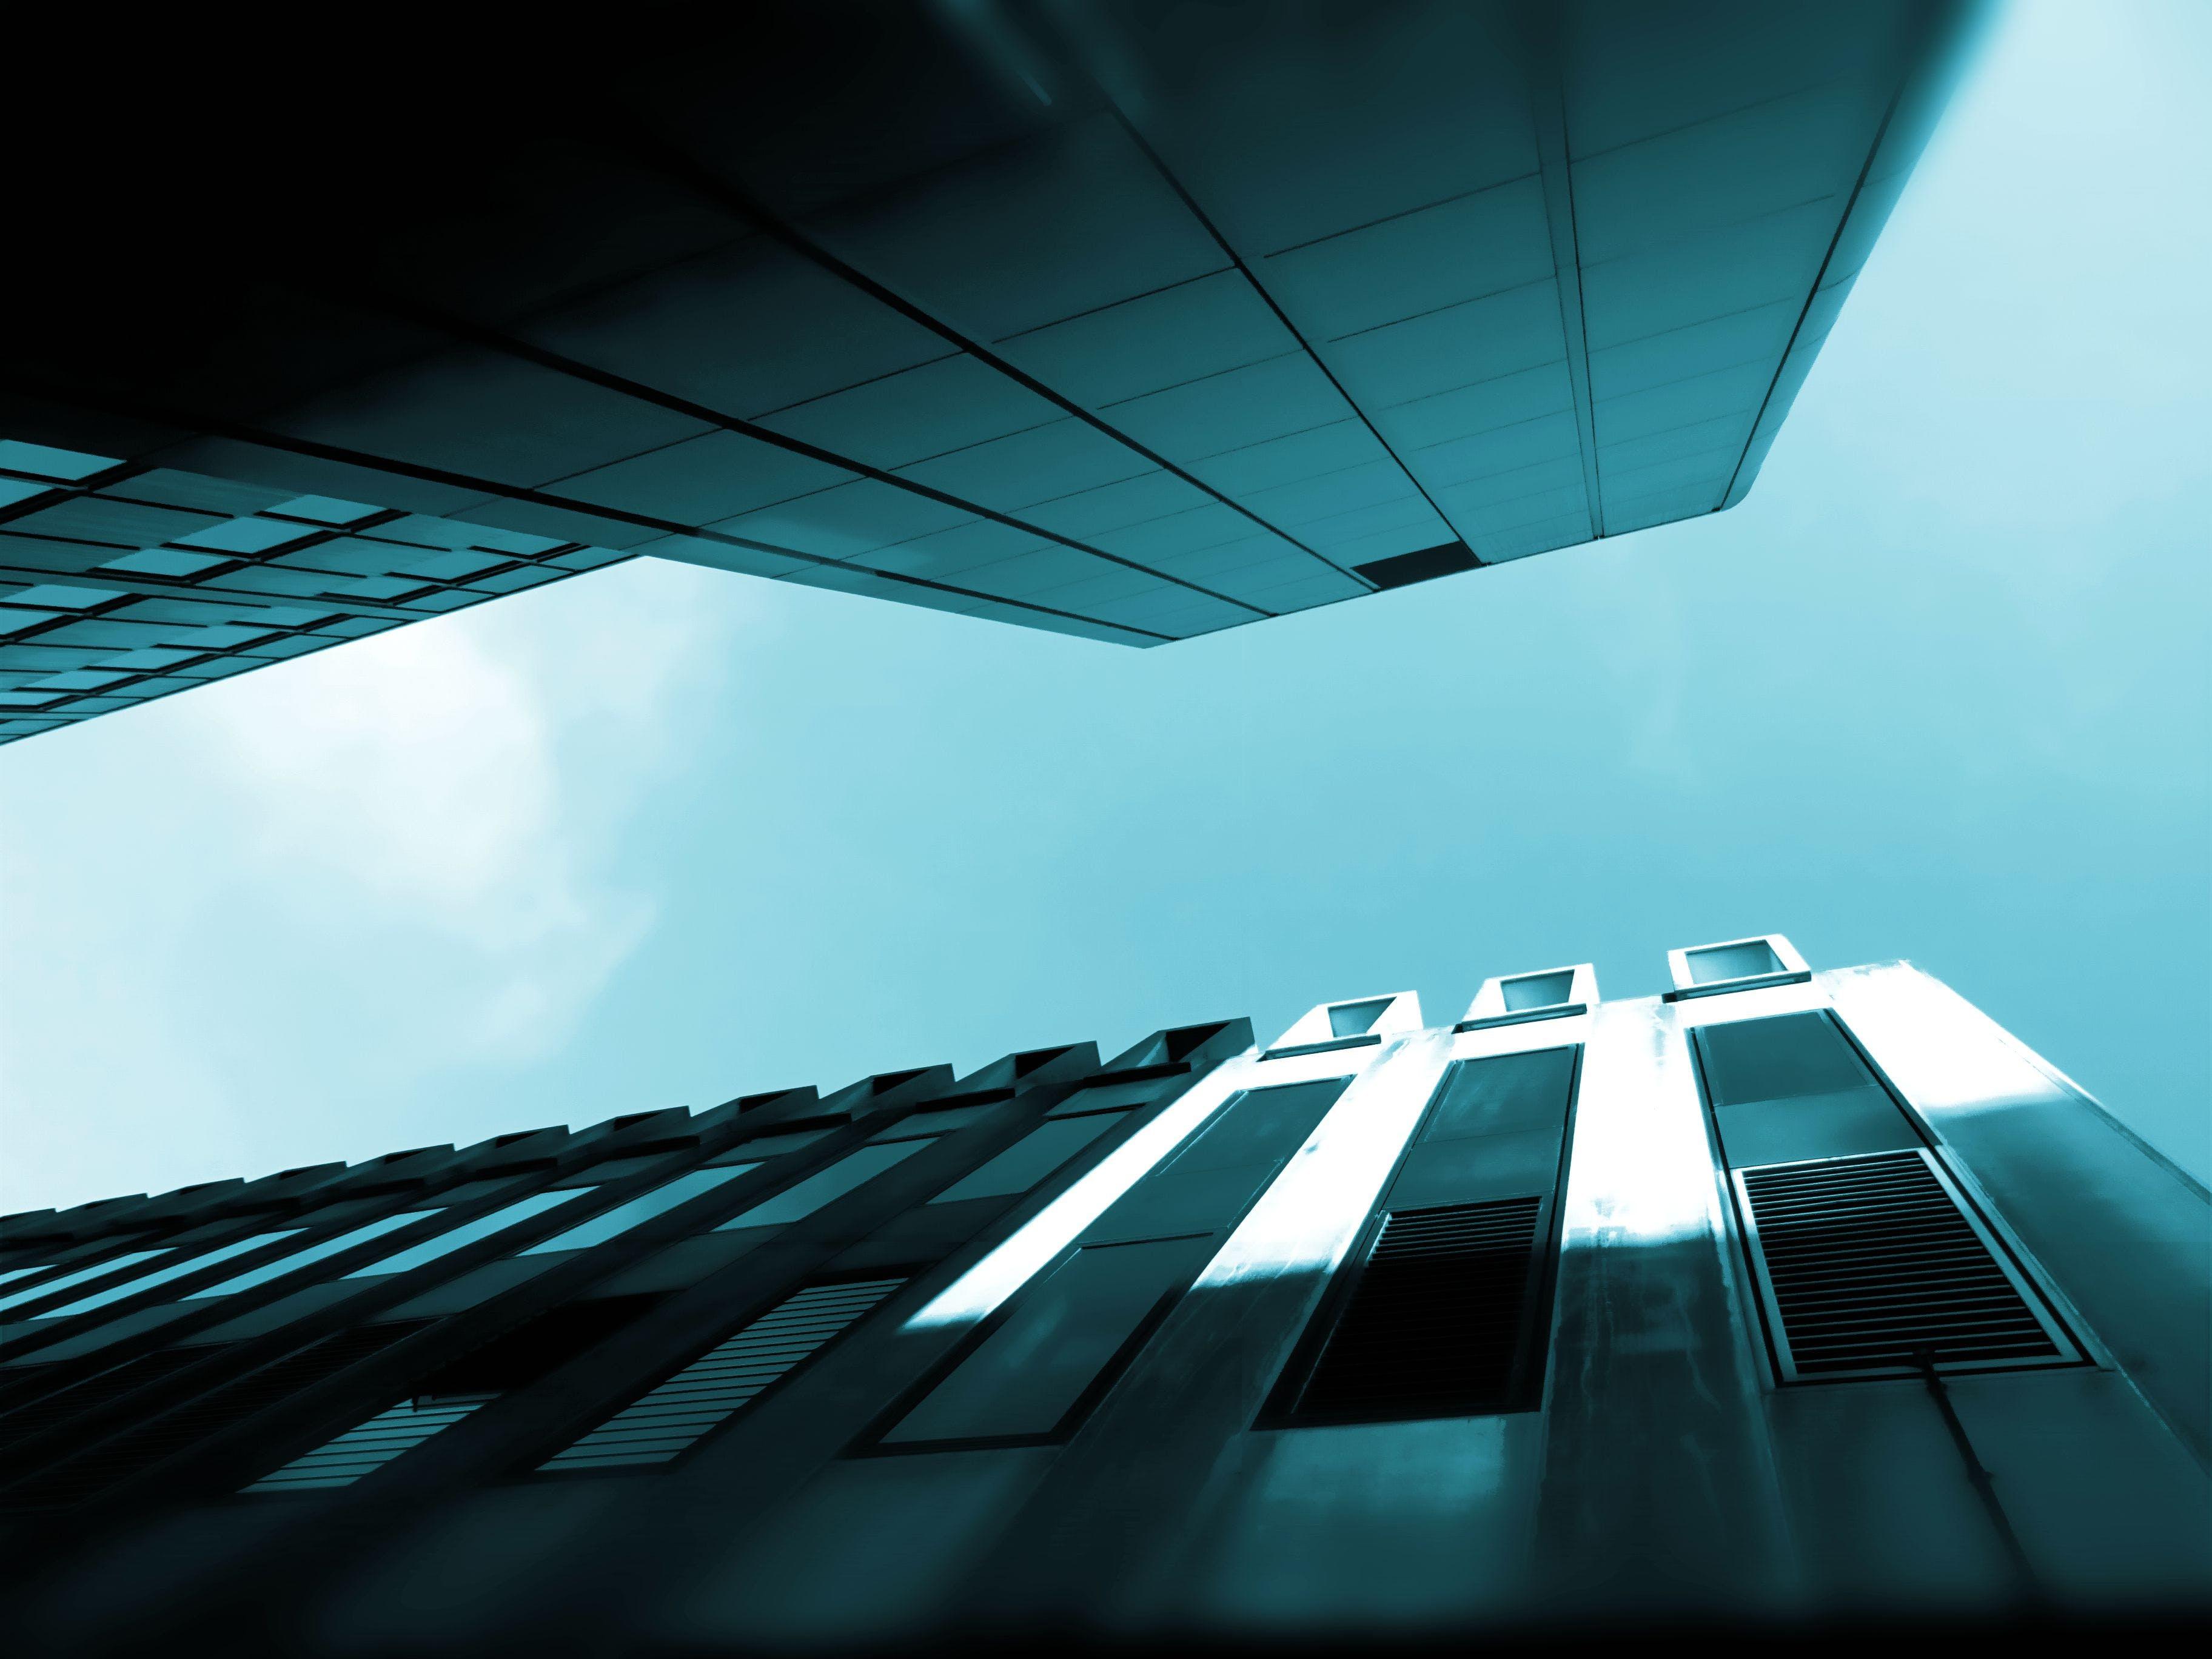 về bầu trời, các tòa nhà, cảnh quan thành phố, chén